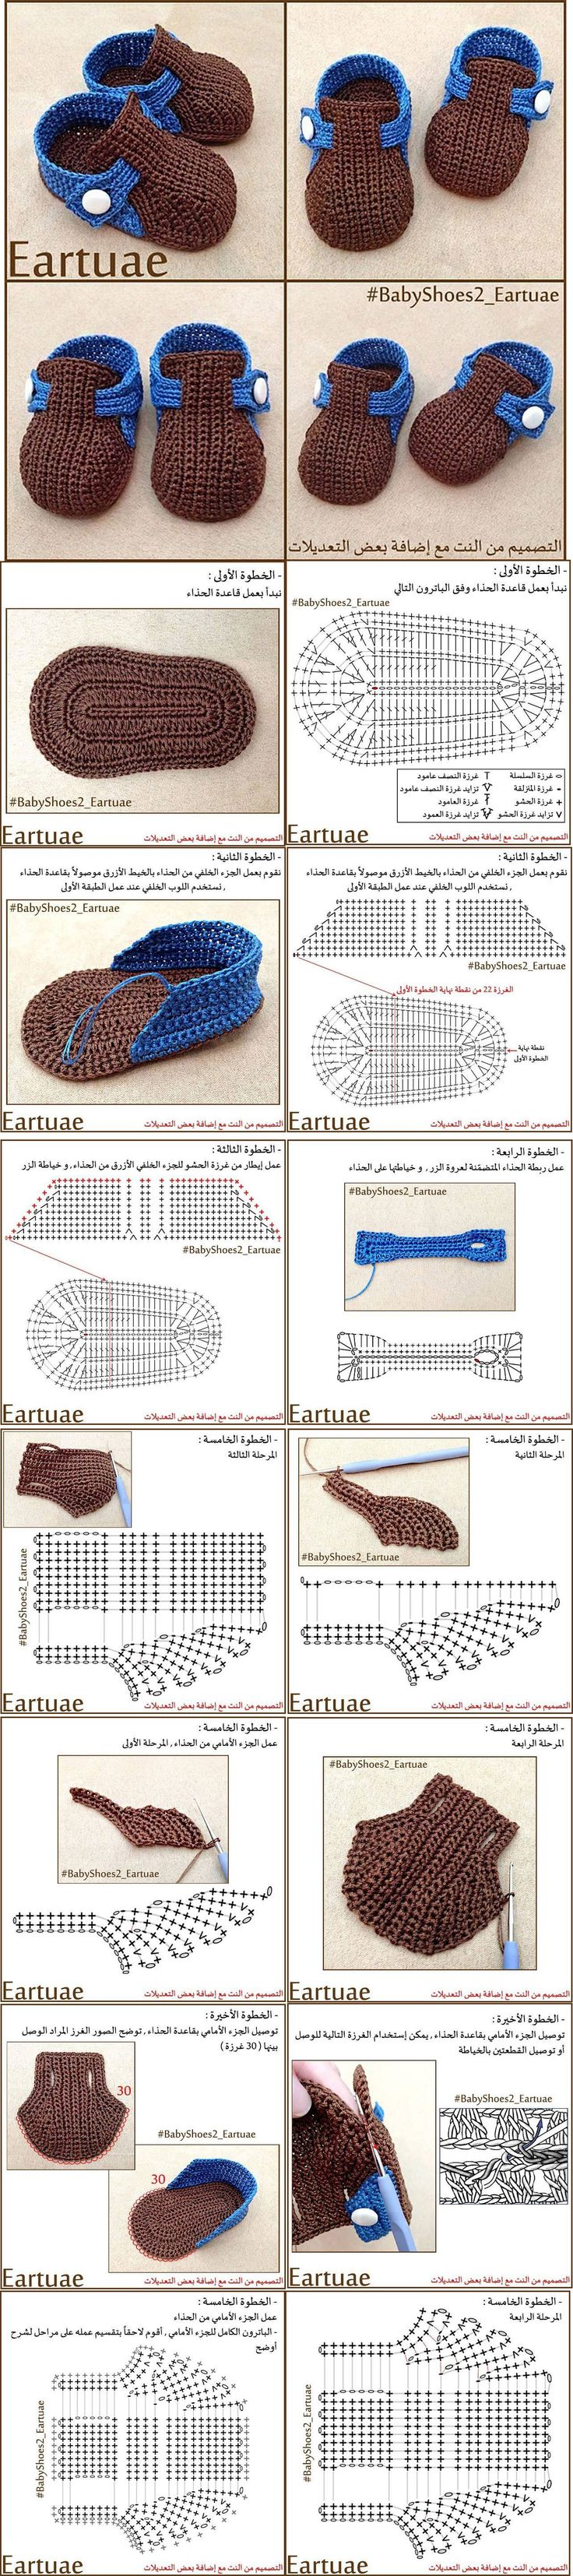 Crochet Booties - Chart